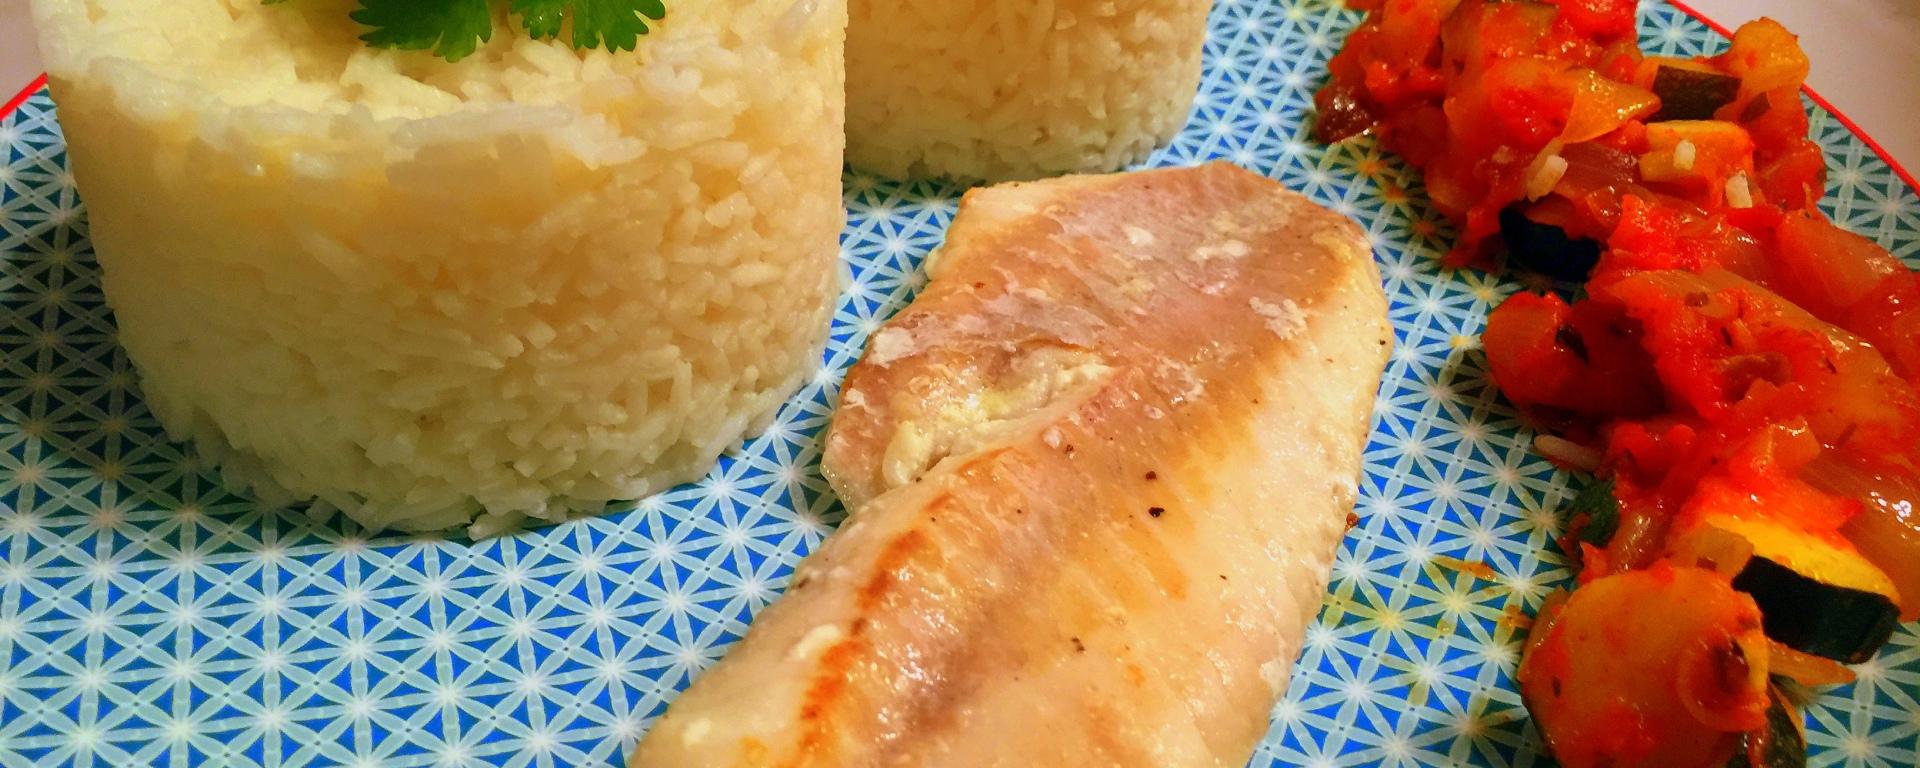 Poisson rouge la plancha recette express du vendredi for Recherche poisson rouge